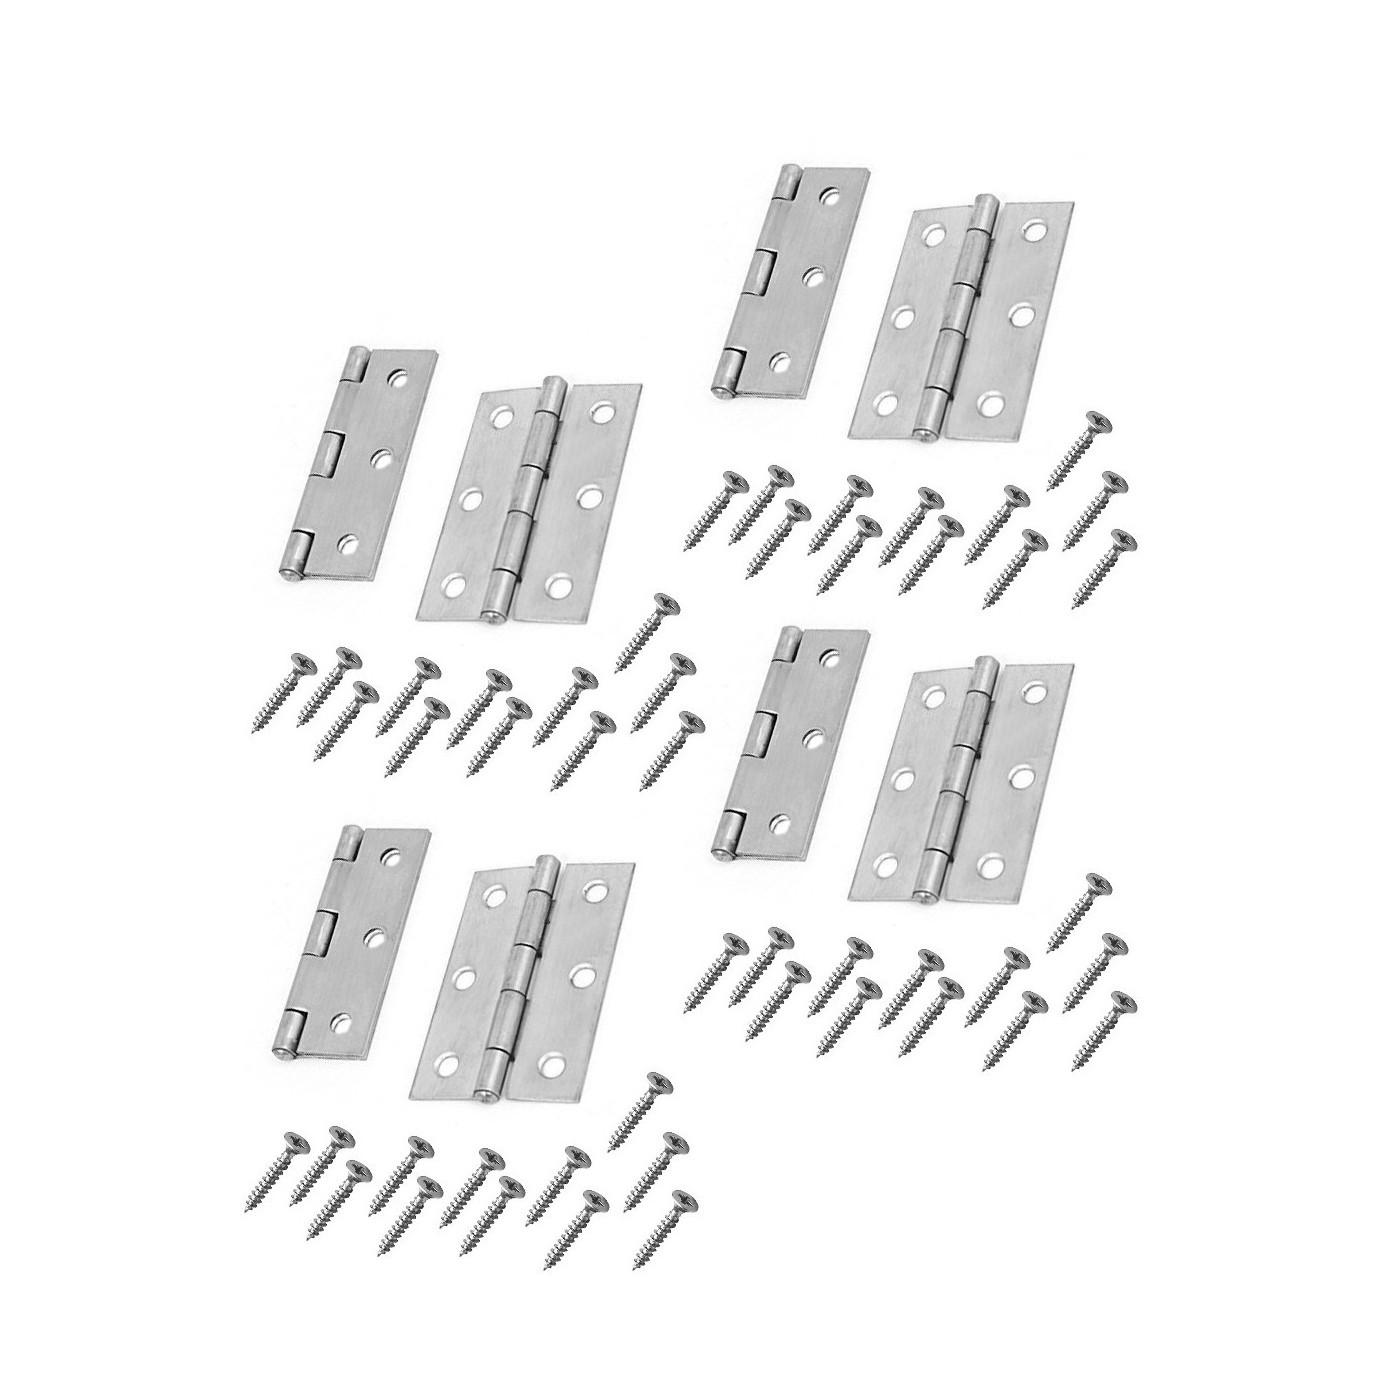 Set van 8 metalen scharnieren (64x35 mm) met schroeven